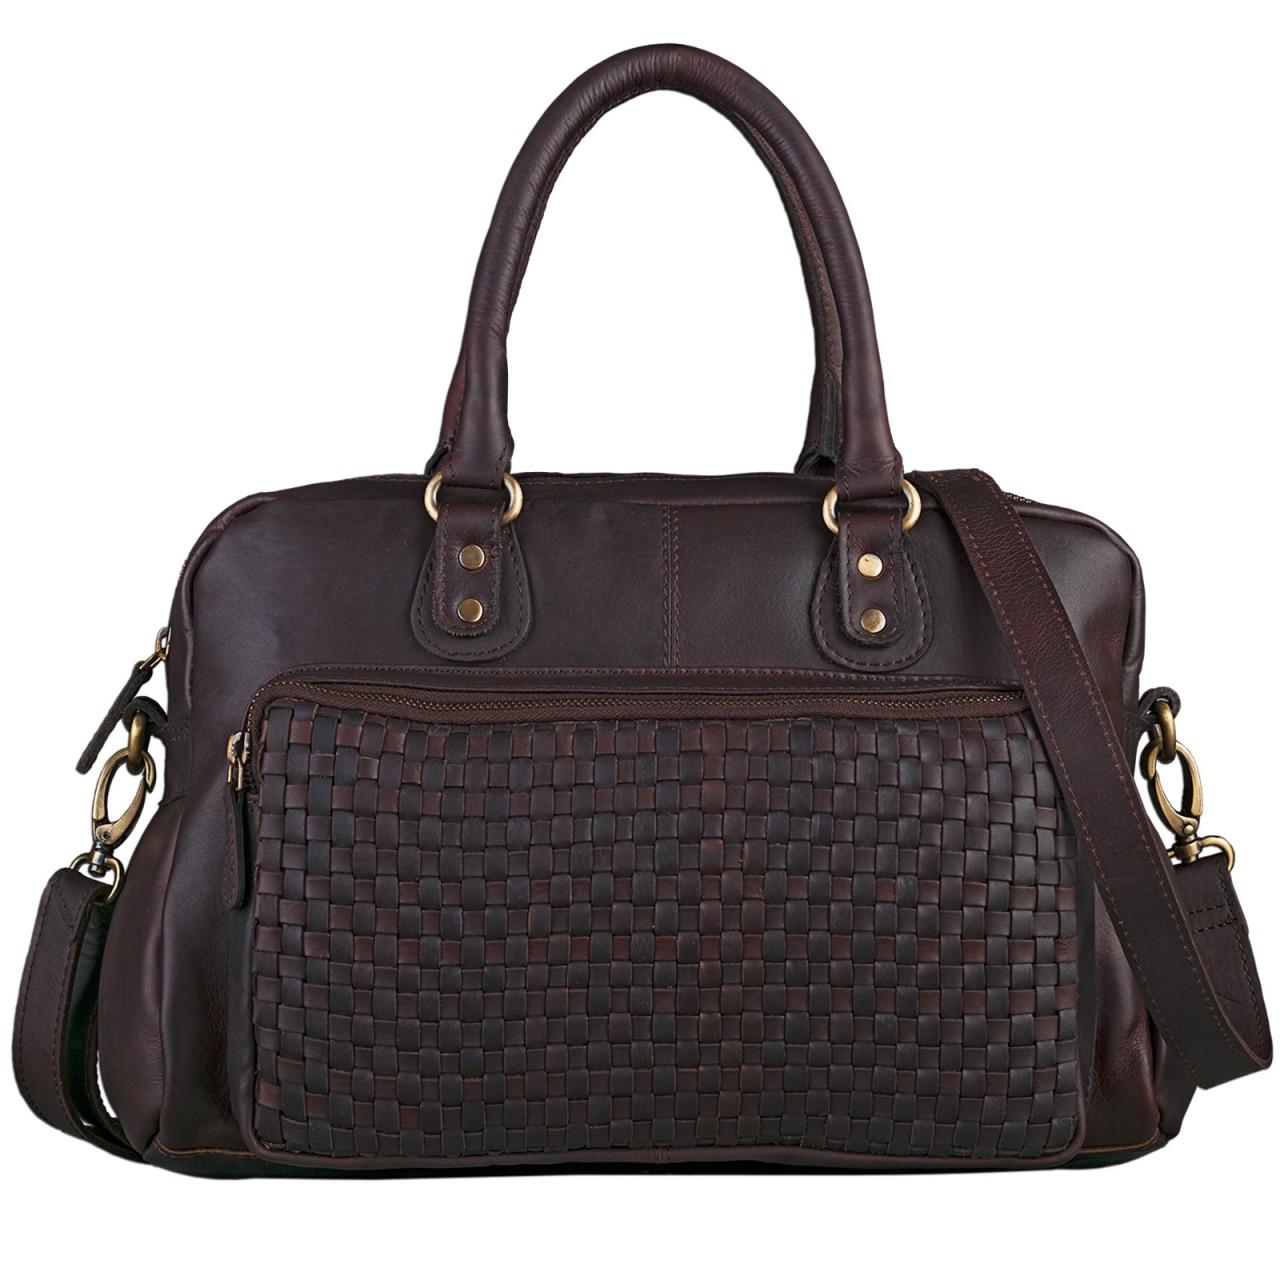 STILORD Elegante Handtasche Damen Umhängetasche geflochtene Vintage Damentasche 12 Zoll weiches Echt Leder cognac dunkelbraun - Bild 2